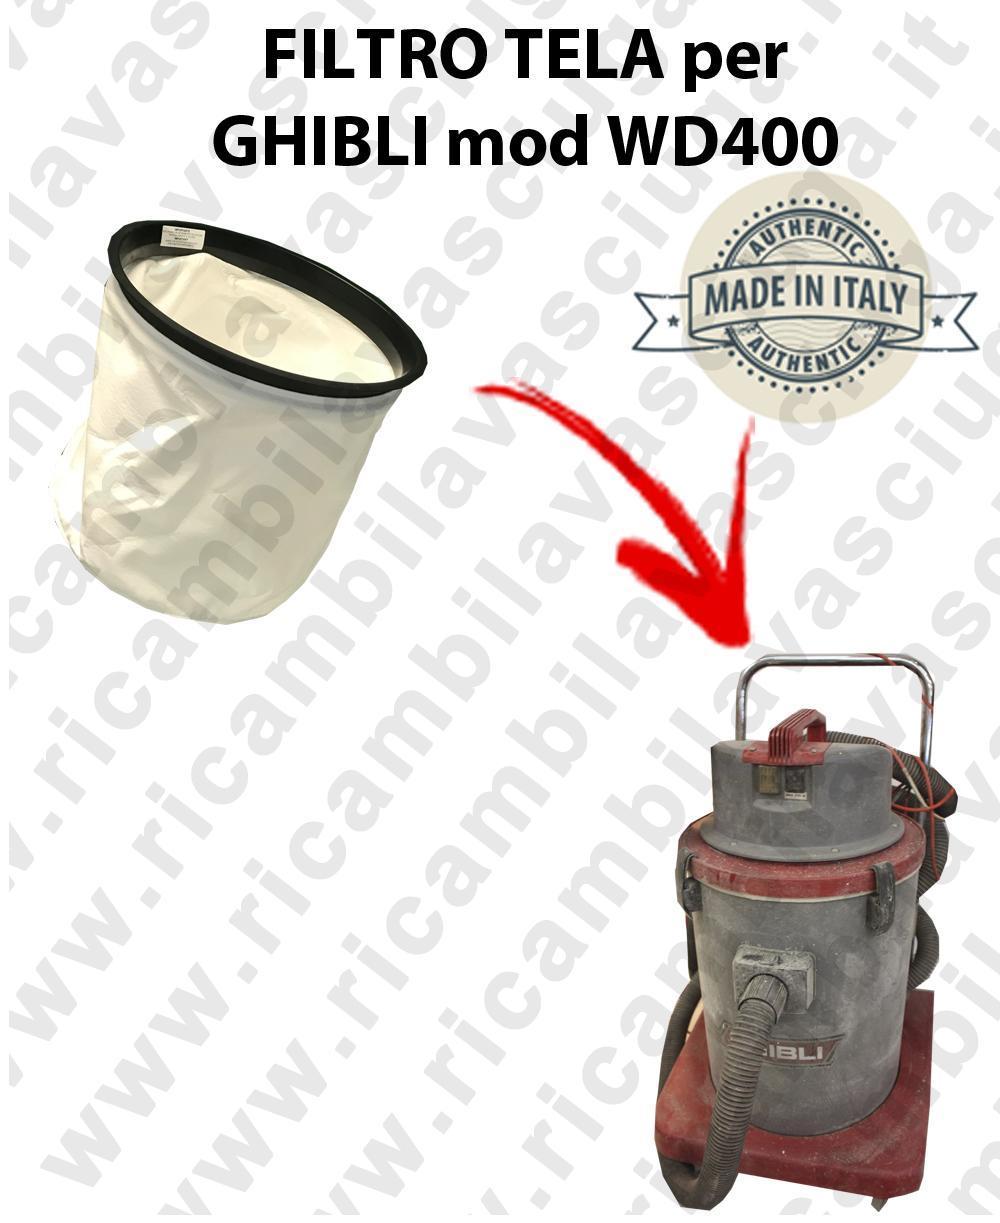 Filtro de tela para aspiradora GHIBLI Model WD400